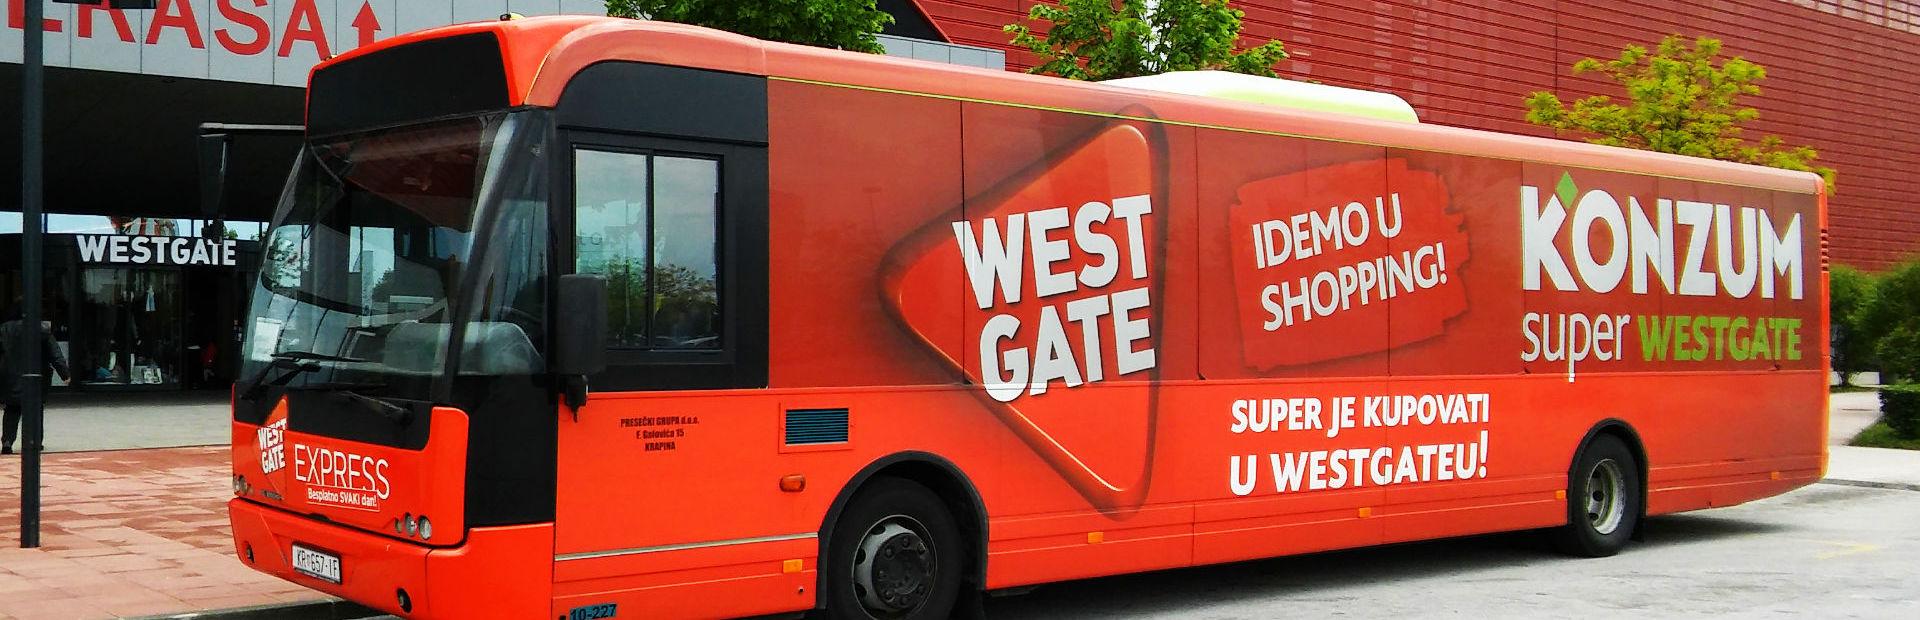 Westgate autobus